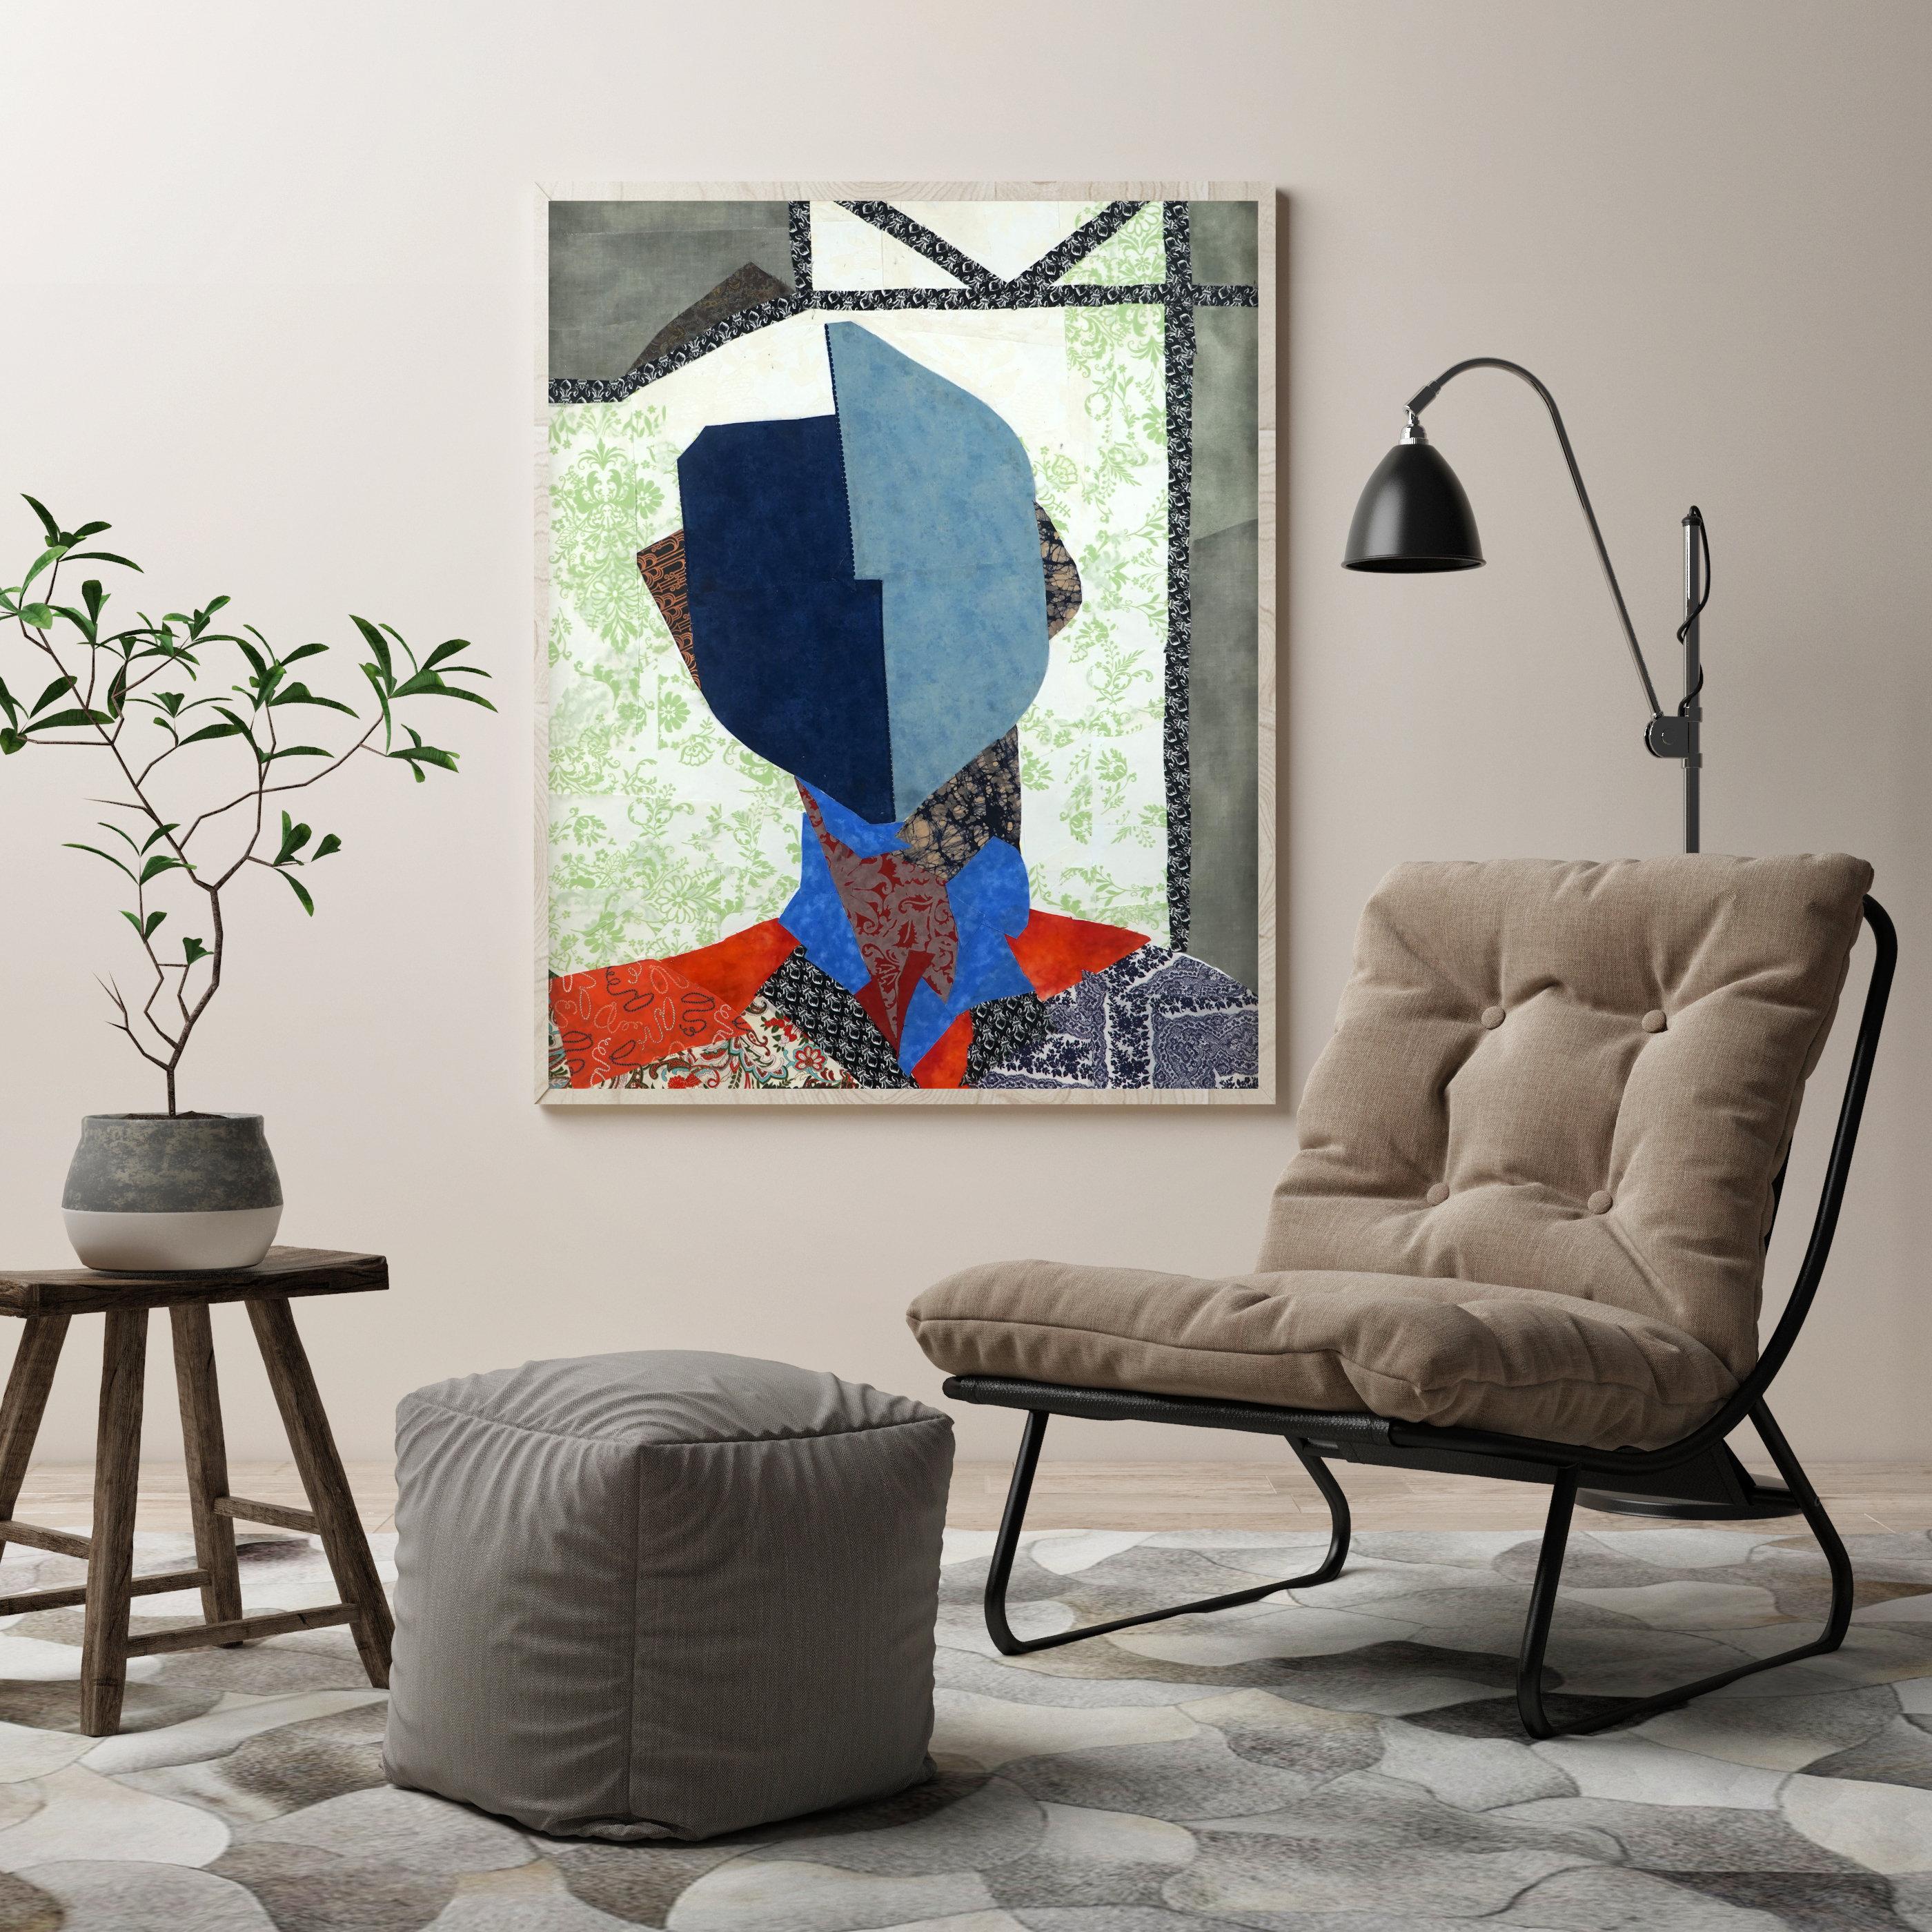 mode portrait mit stoff kunstdruck blumen frau gesicht